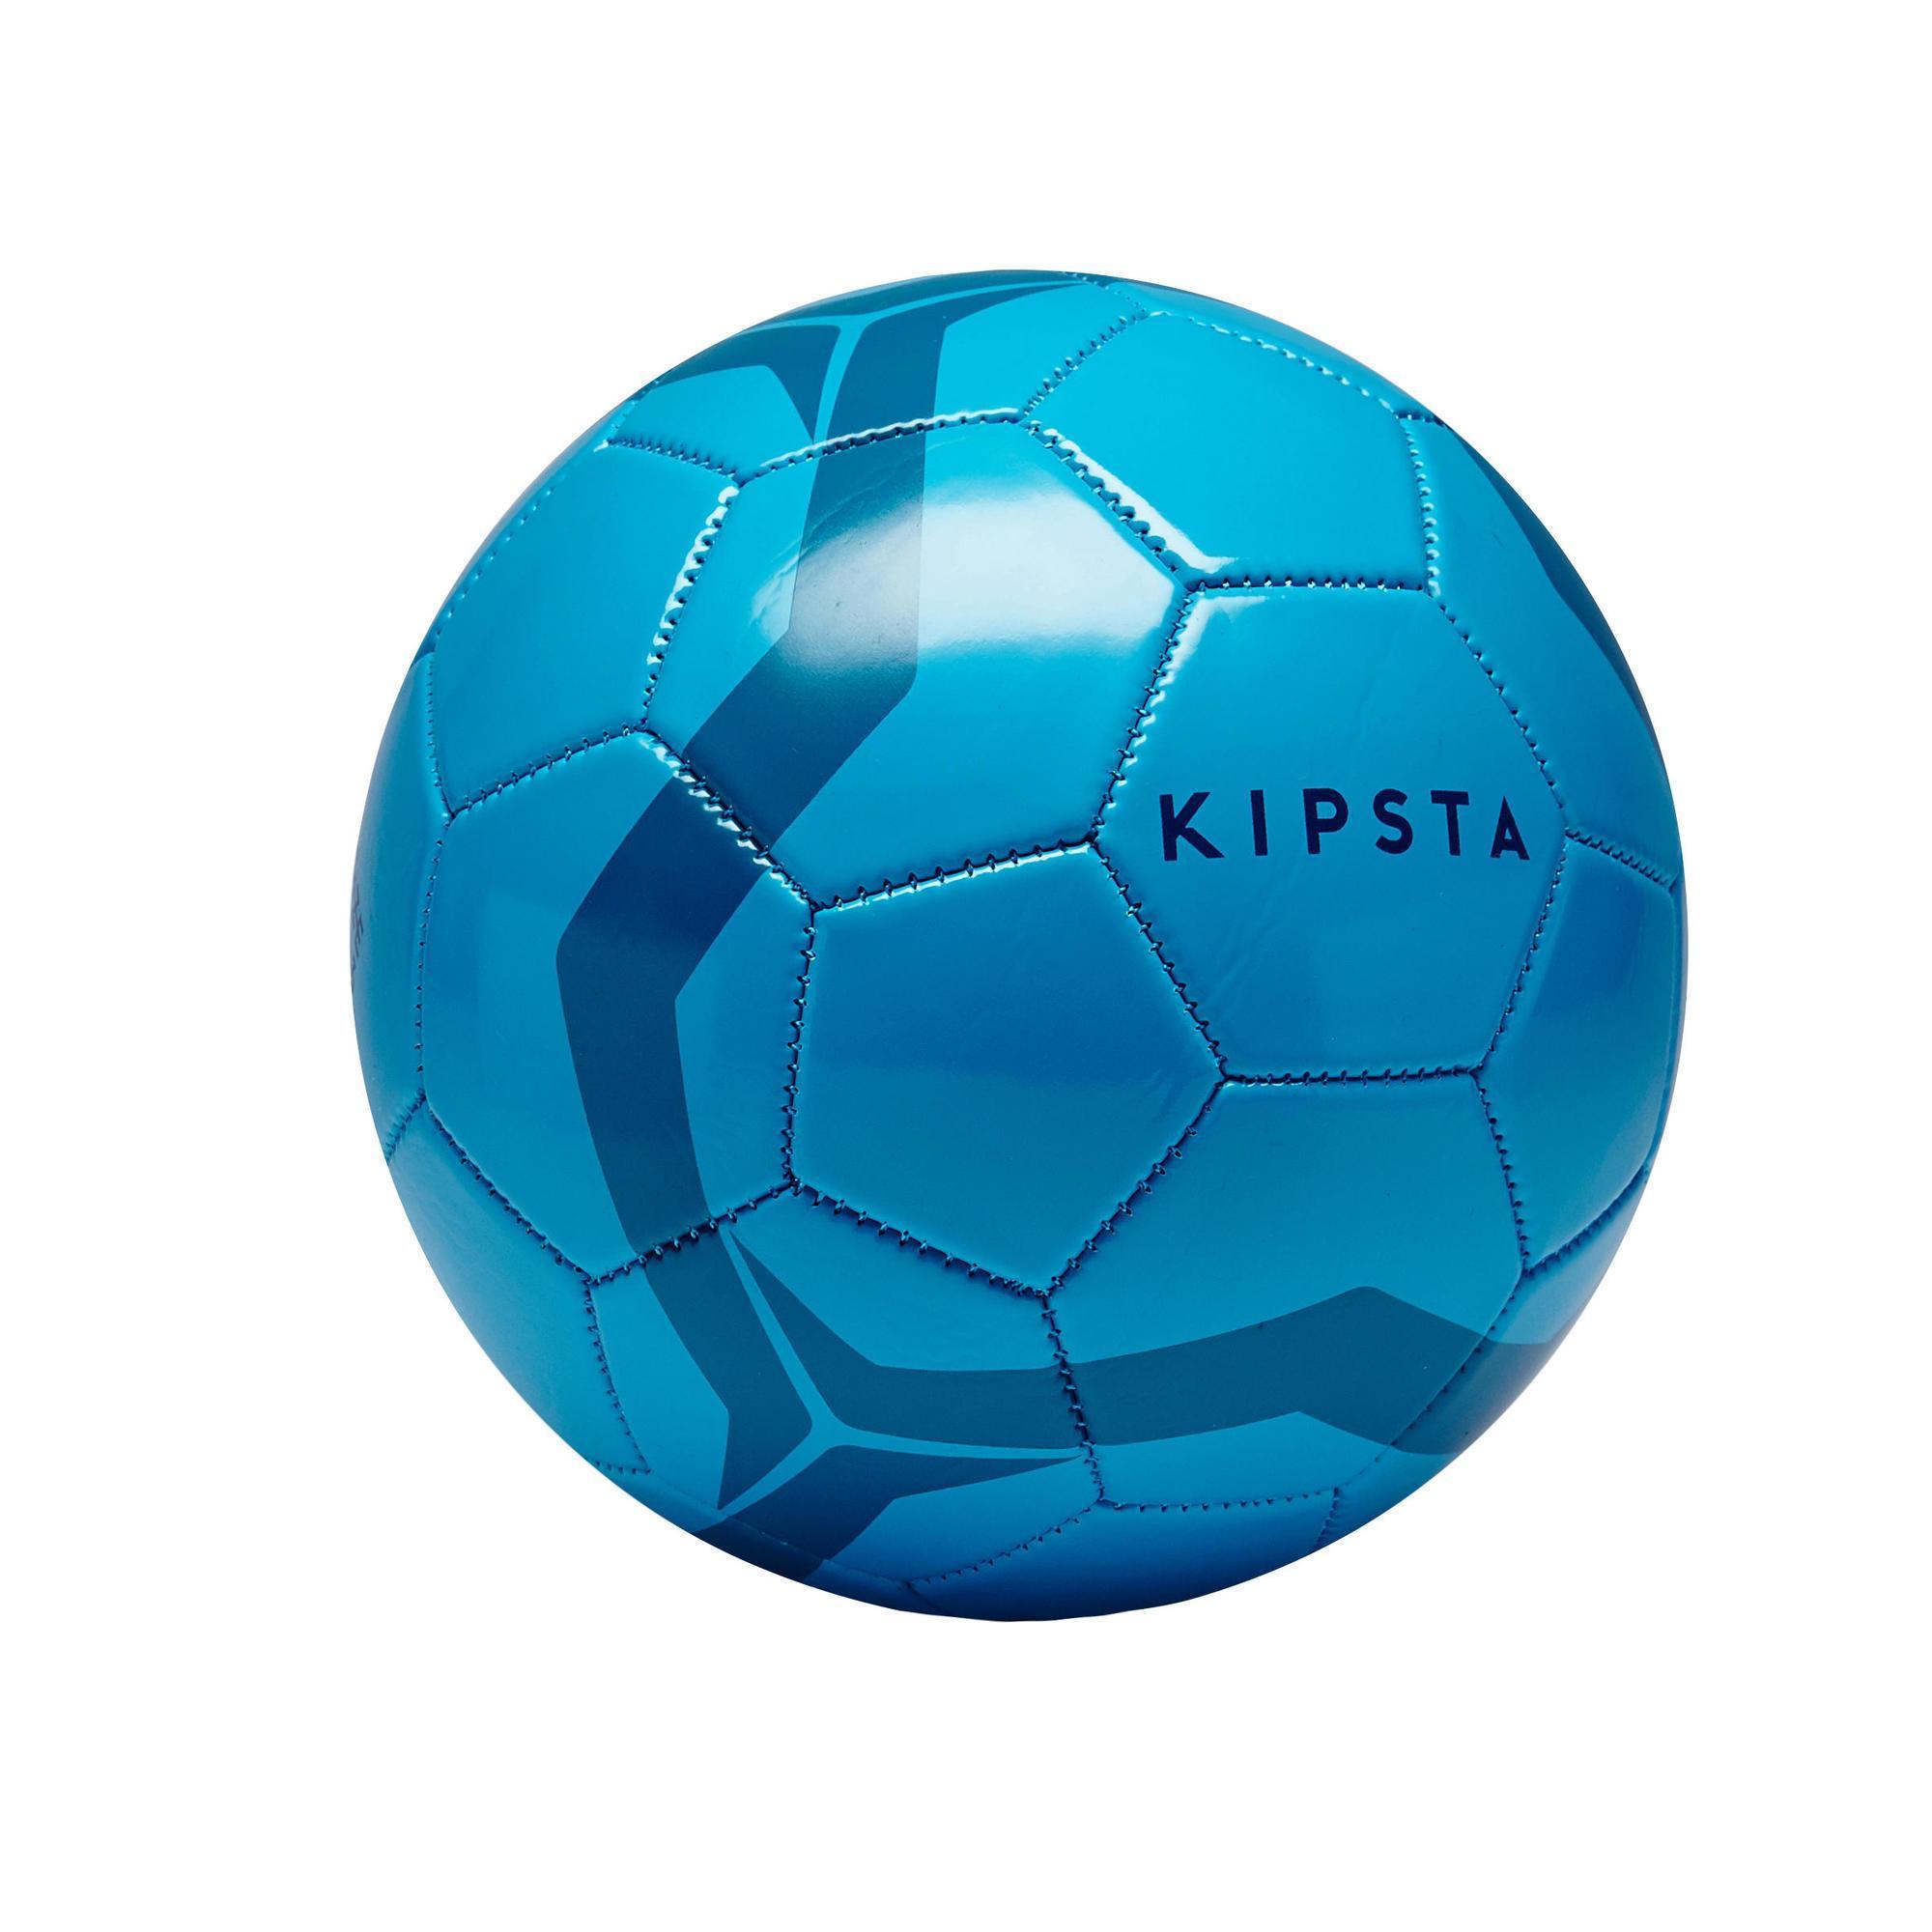 Kipsta Voetbal First Kick maat 3 (vanaf 8 jaar) blauw